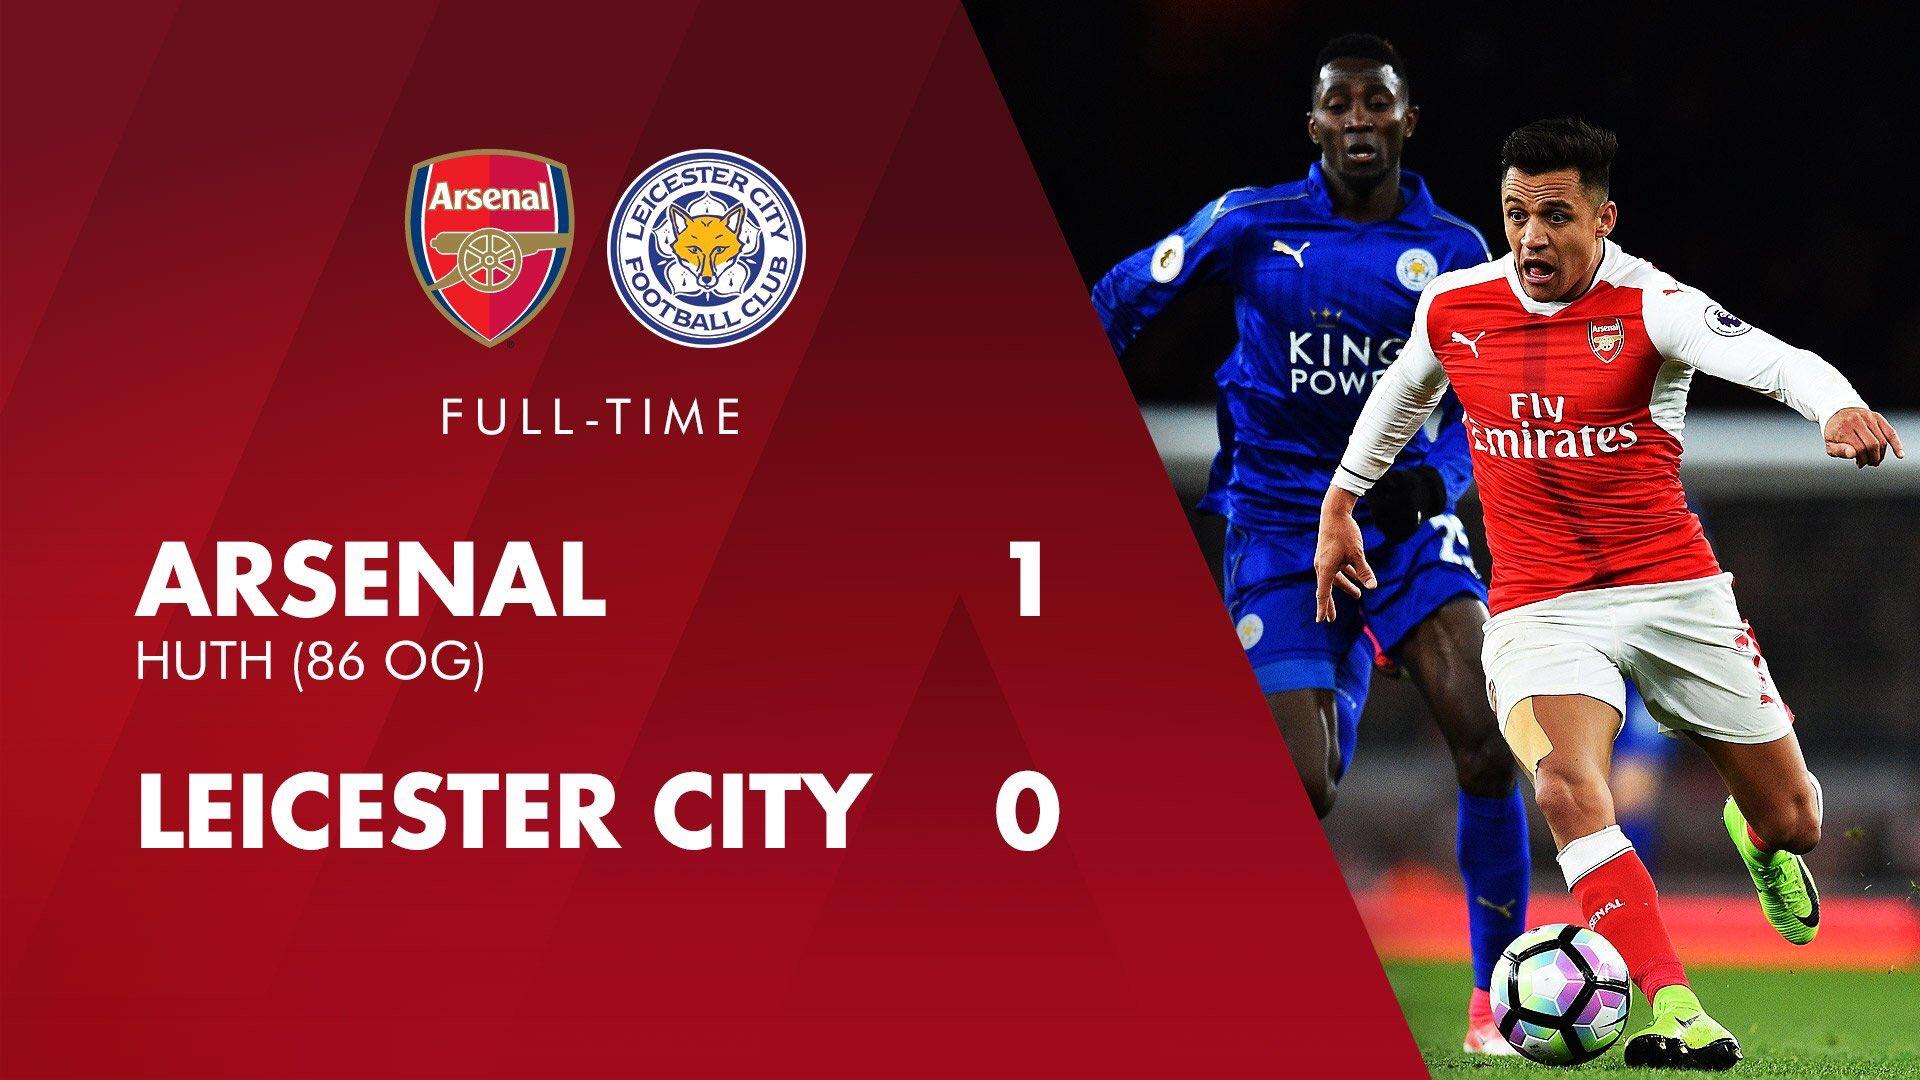 Матч ставки Лестер на Арсенал